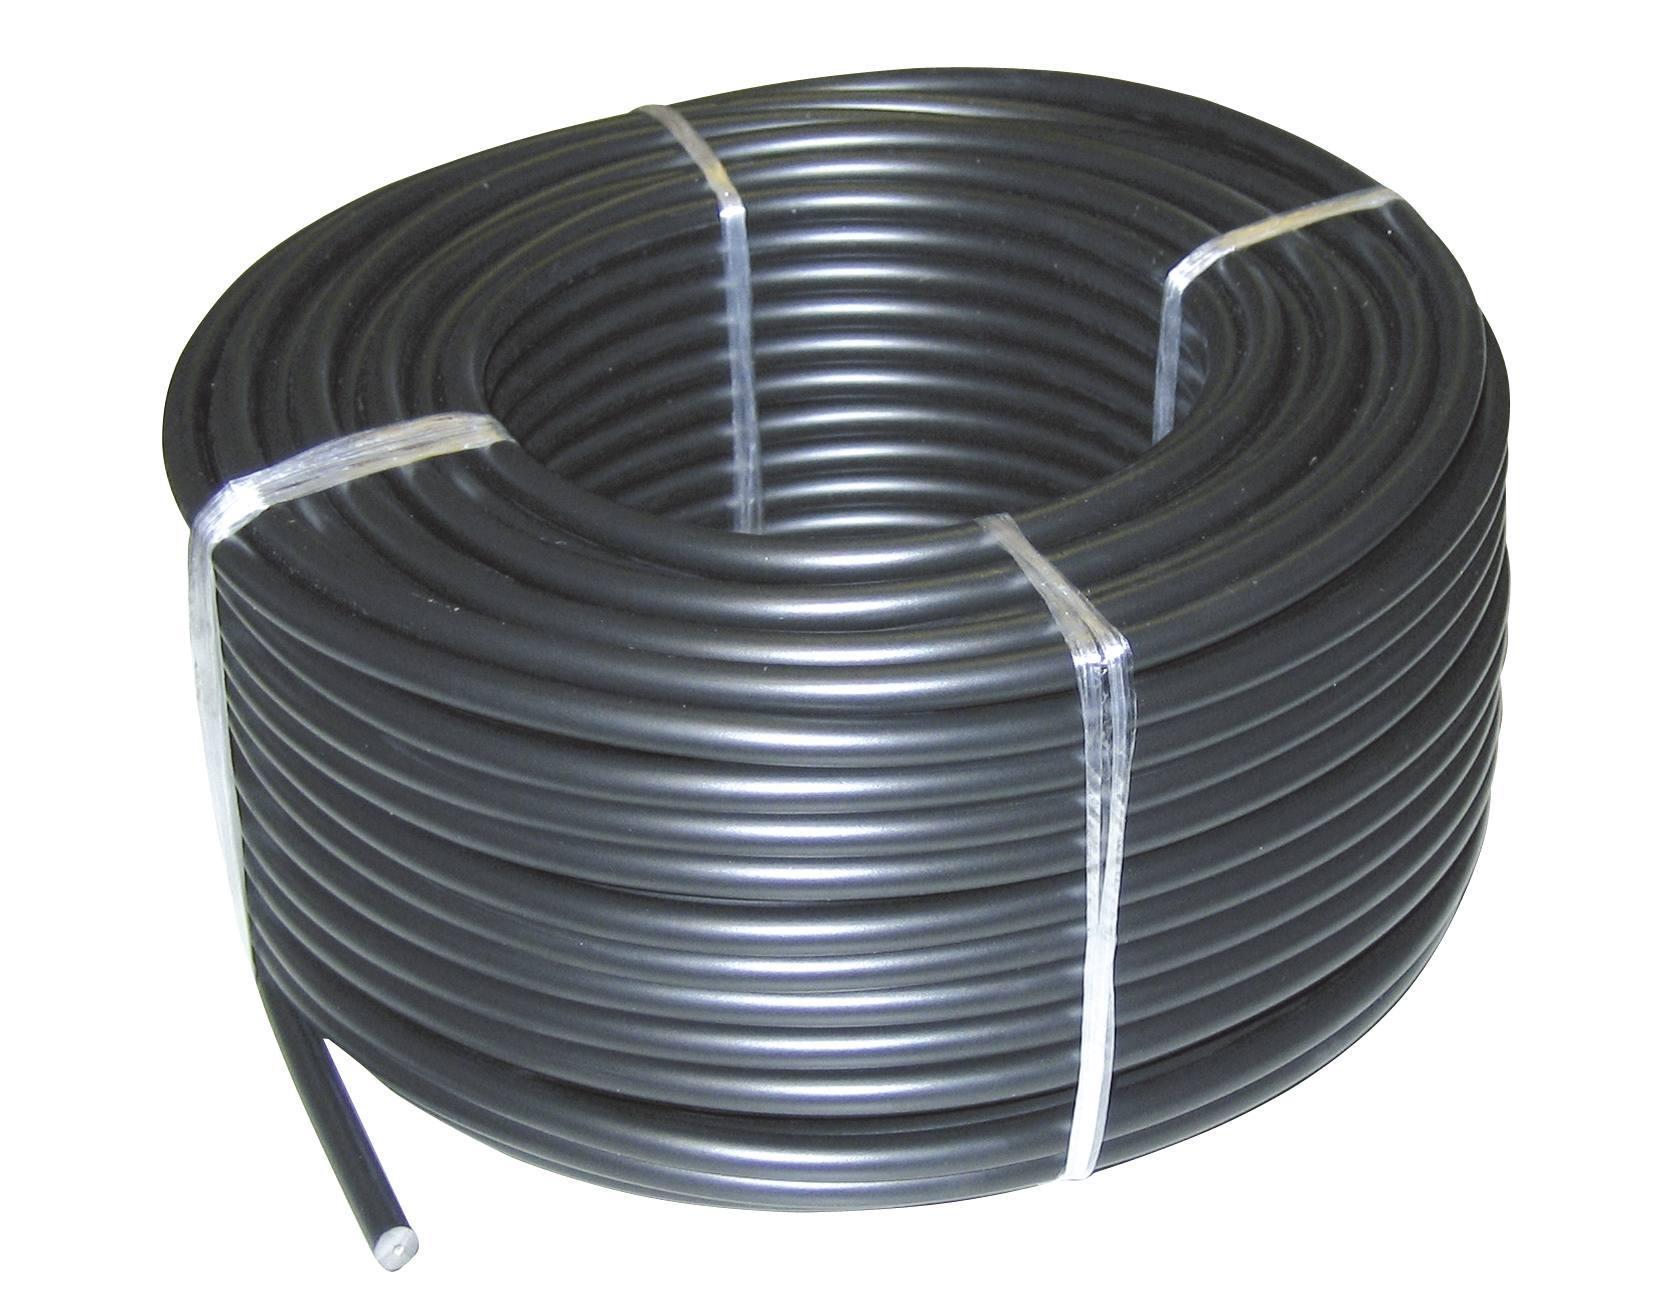 Erdkabel 50 m, mit verzinktem Kupferleiter - Untergrundkabel